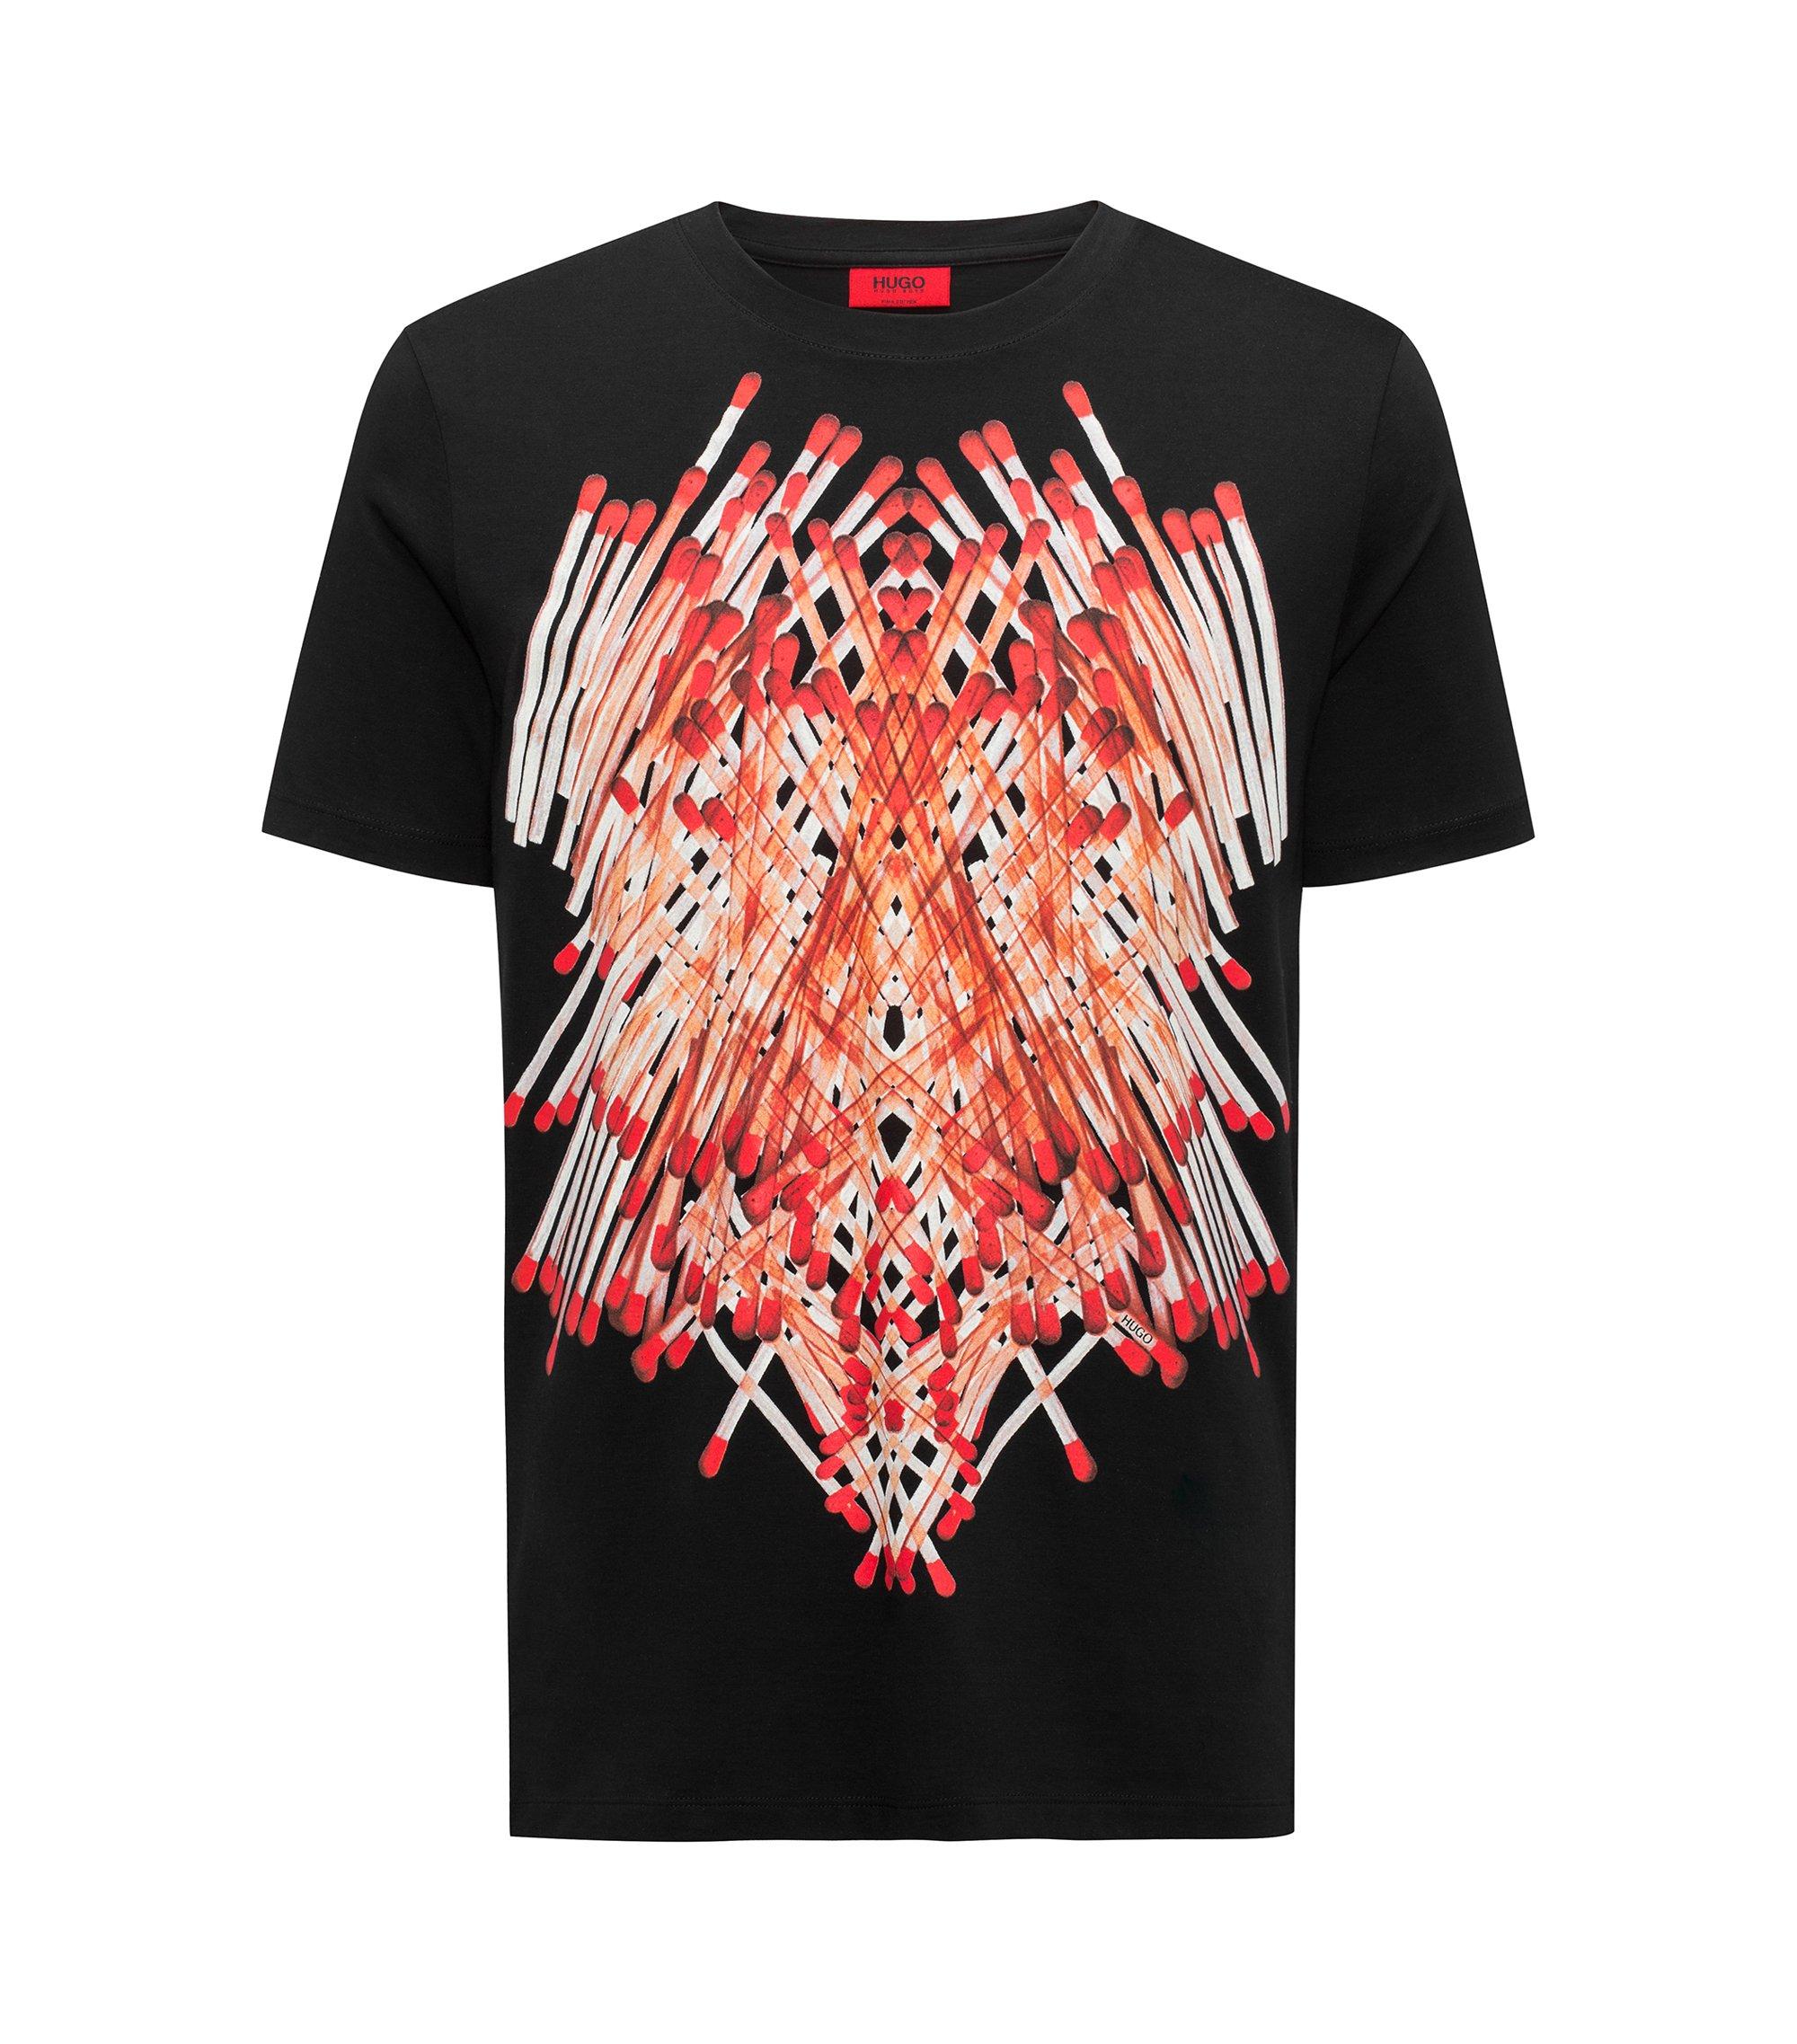 Relaxed-Fit T-Shirt aus Pima-Baumwolle mit Streichholz-Print, Schwarz